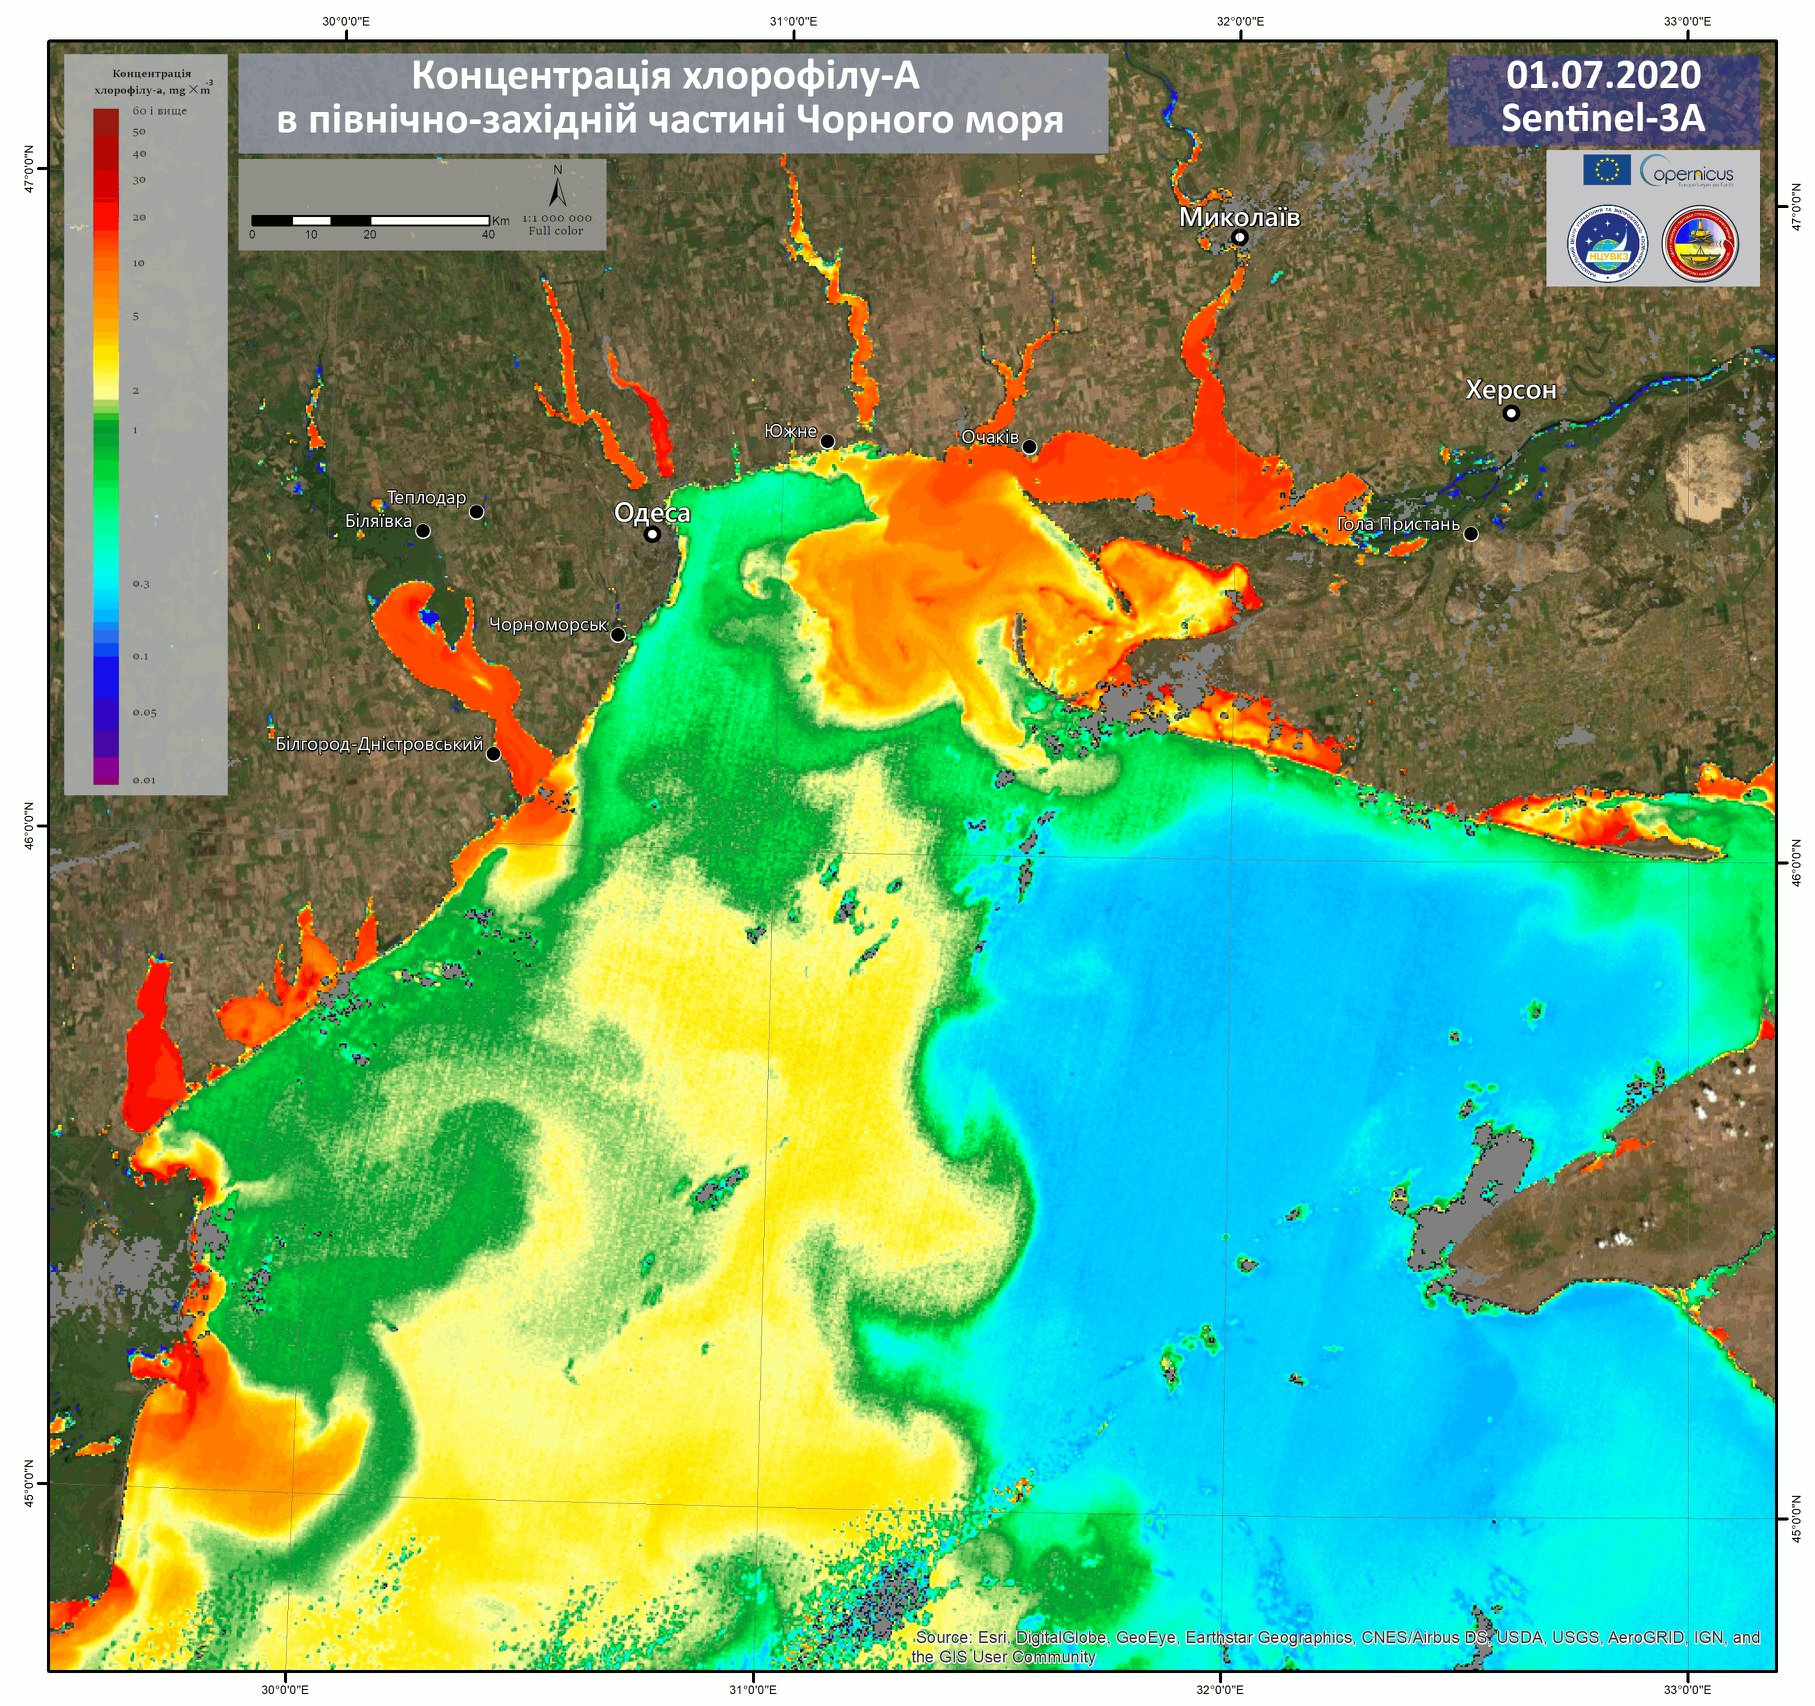 Як «зацвіло» Чорне море, побачили навіть з космосу - Одеса, Море - 08 more